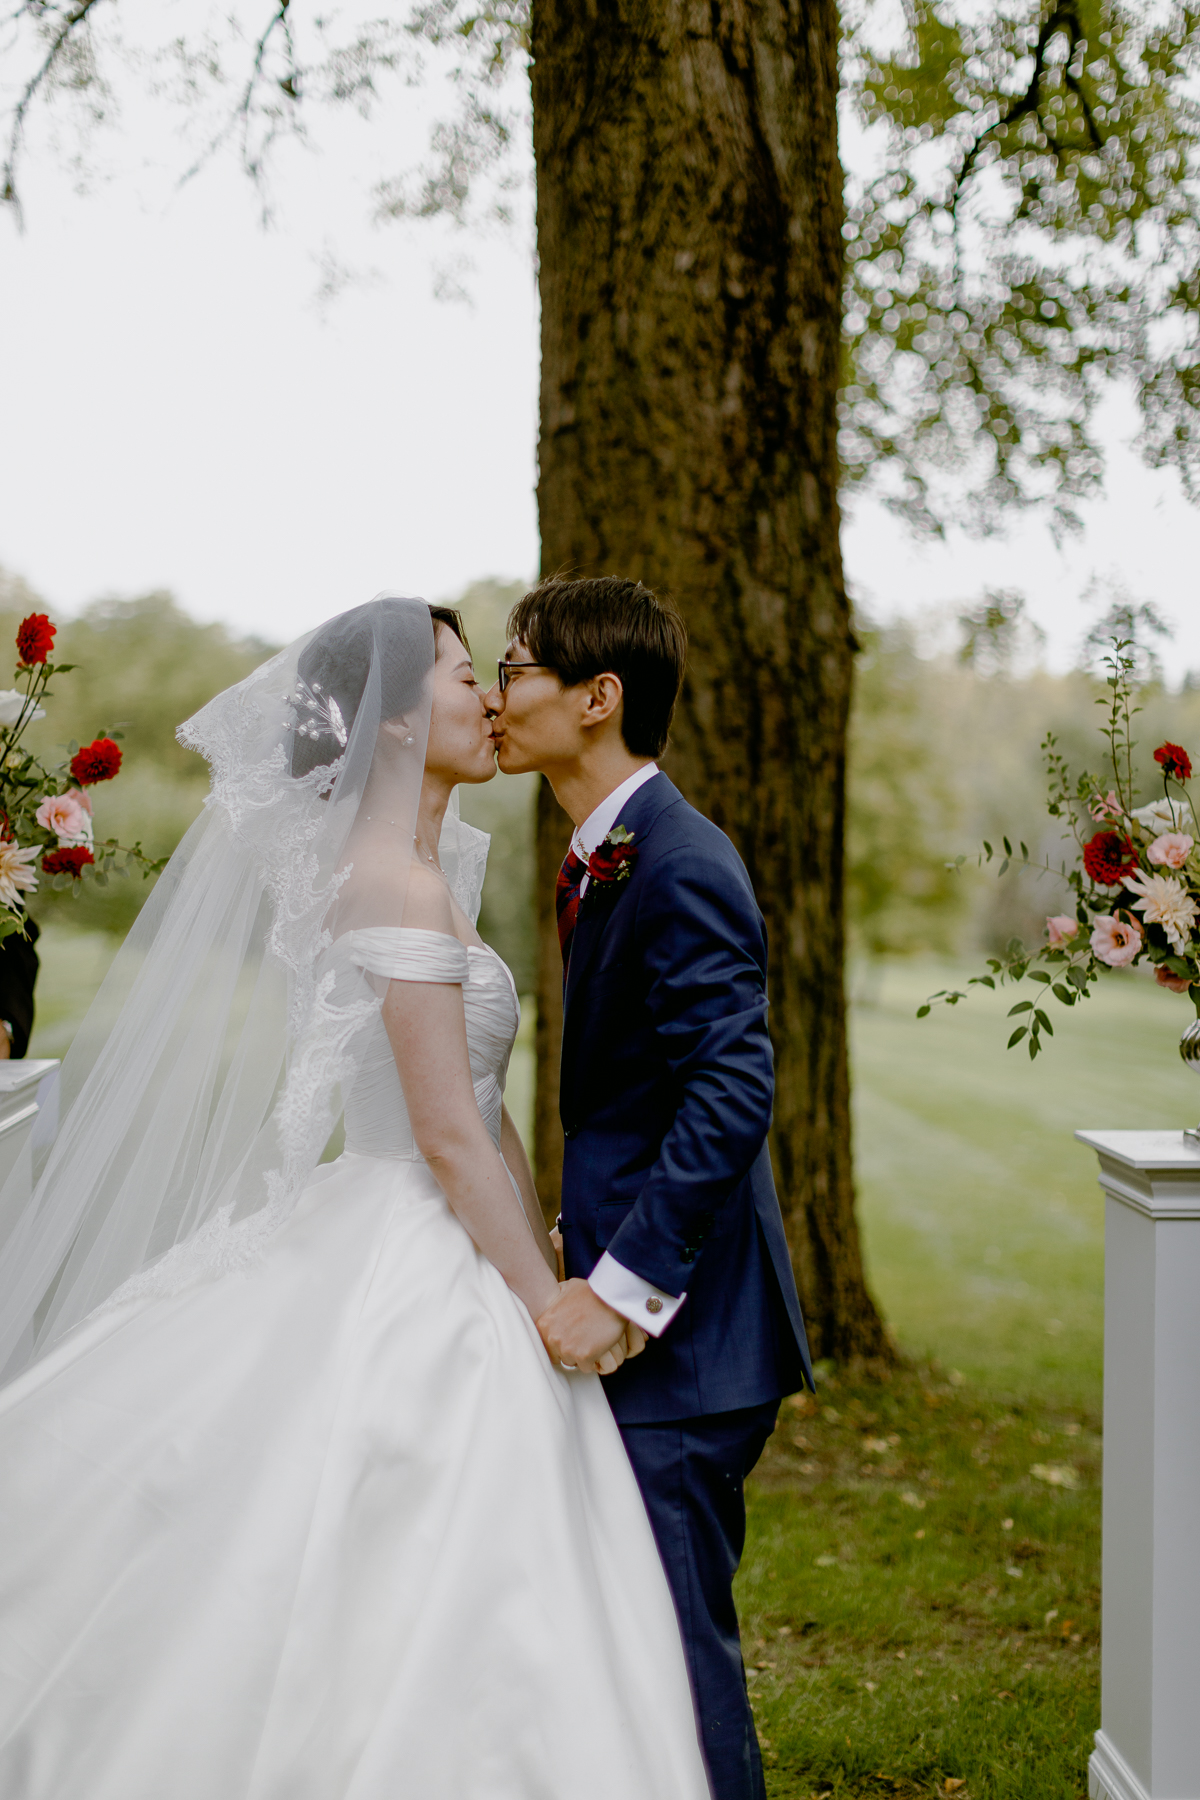 langdon-hall-wedding-markham-chinese-wedding-photographer 0046.jpg